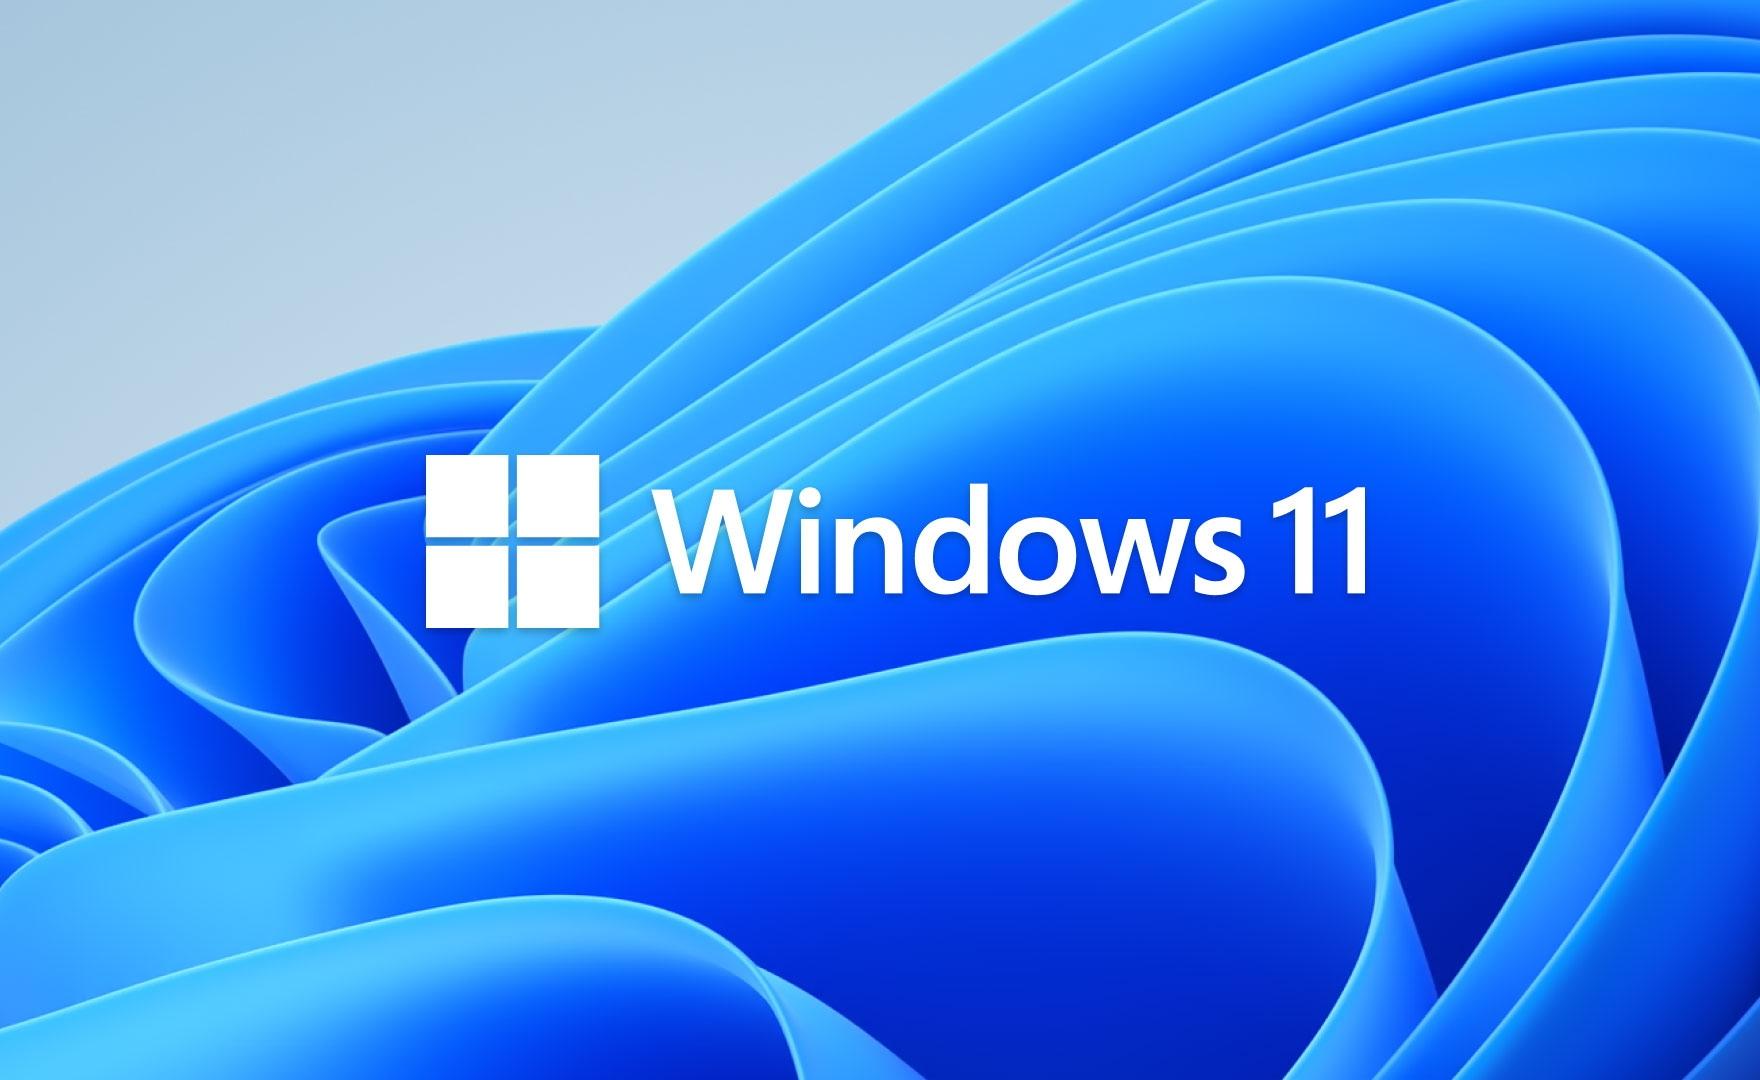 Windows 11 a tutto gaming, supporterà l'Auto HDR e DirectStorage